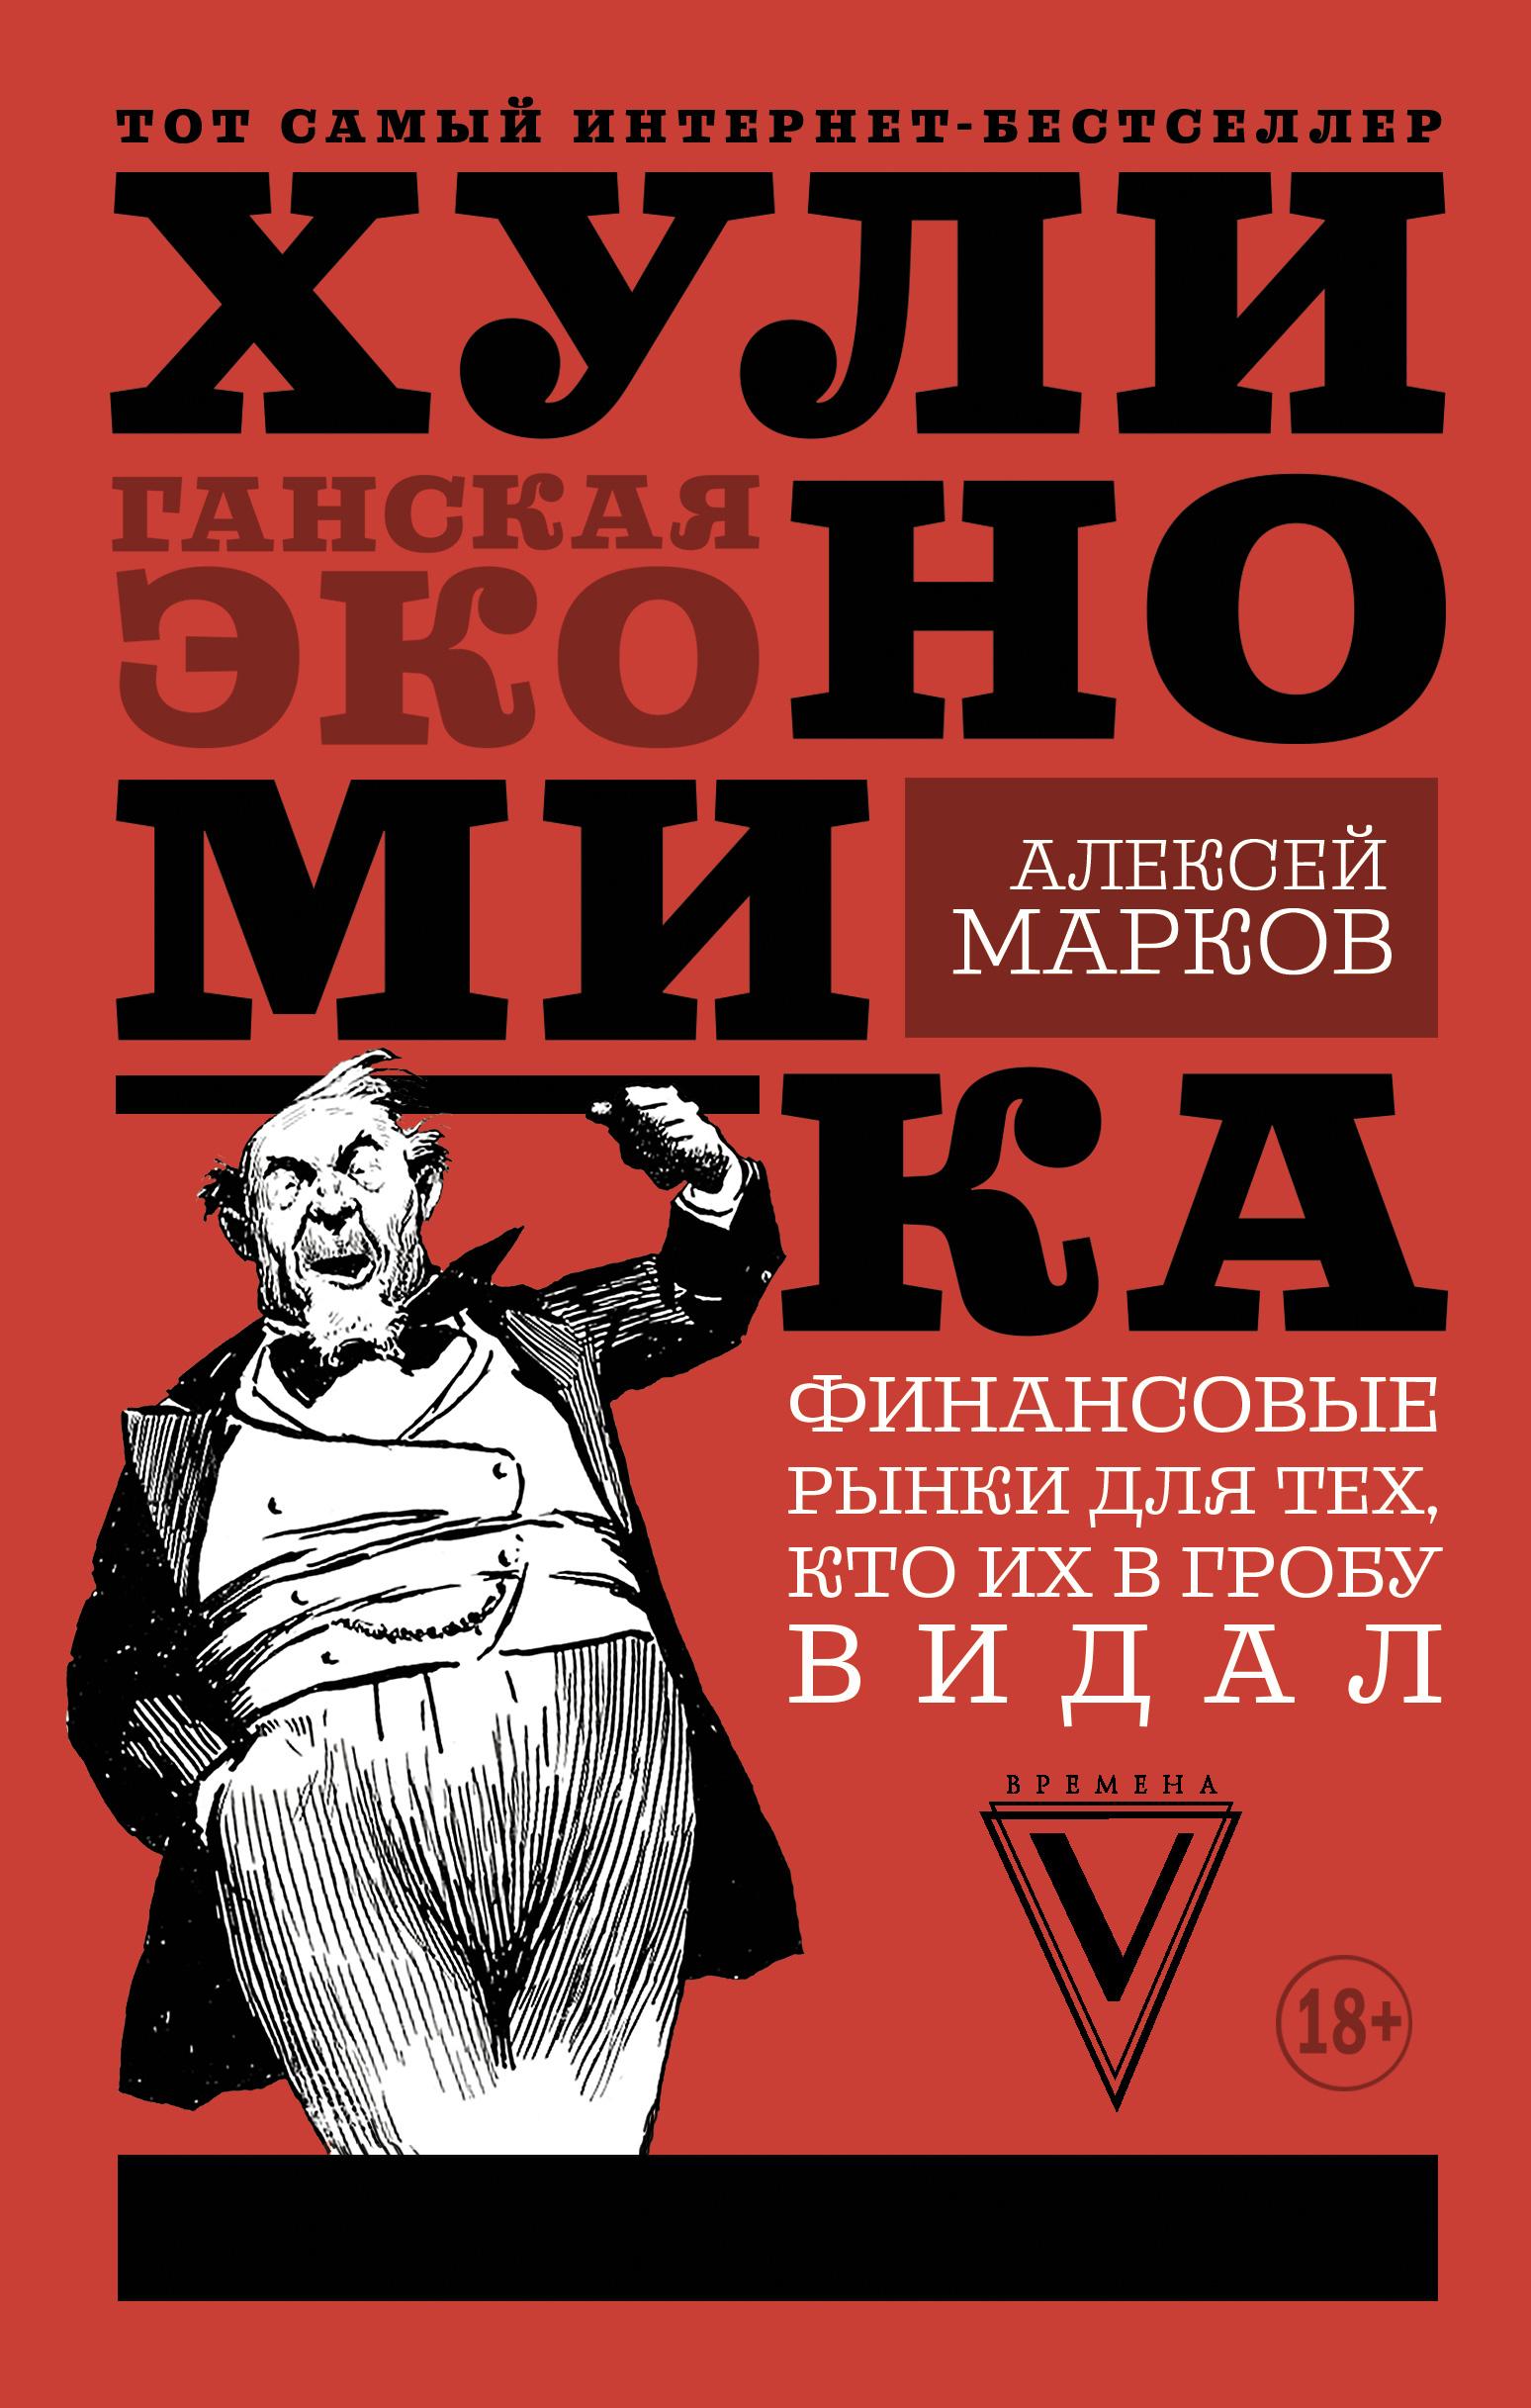 Обложка книги. Автор - Алексей Марков